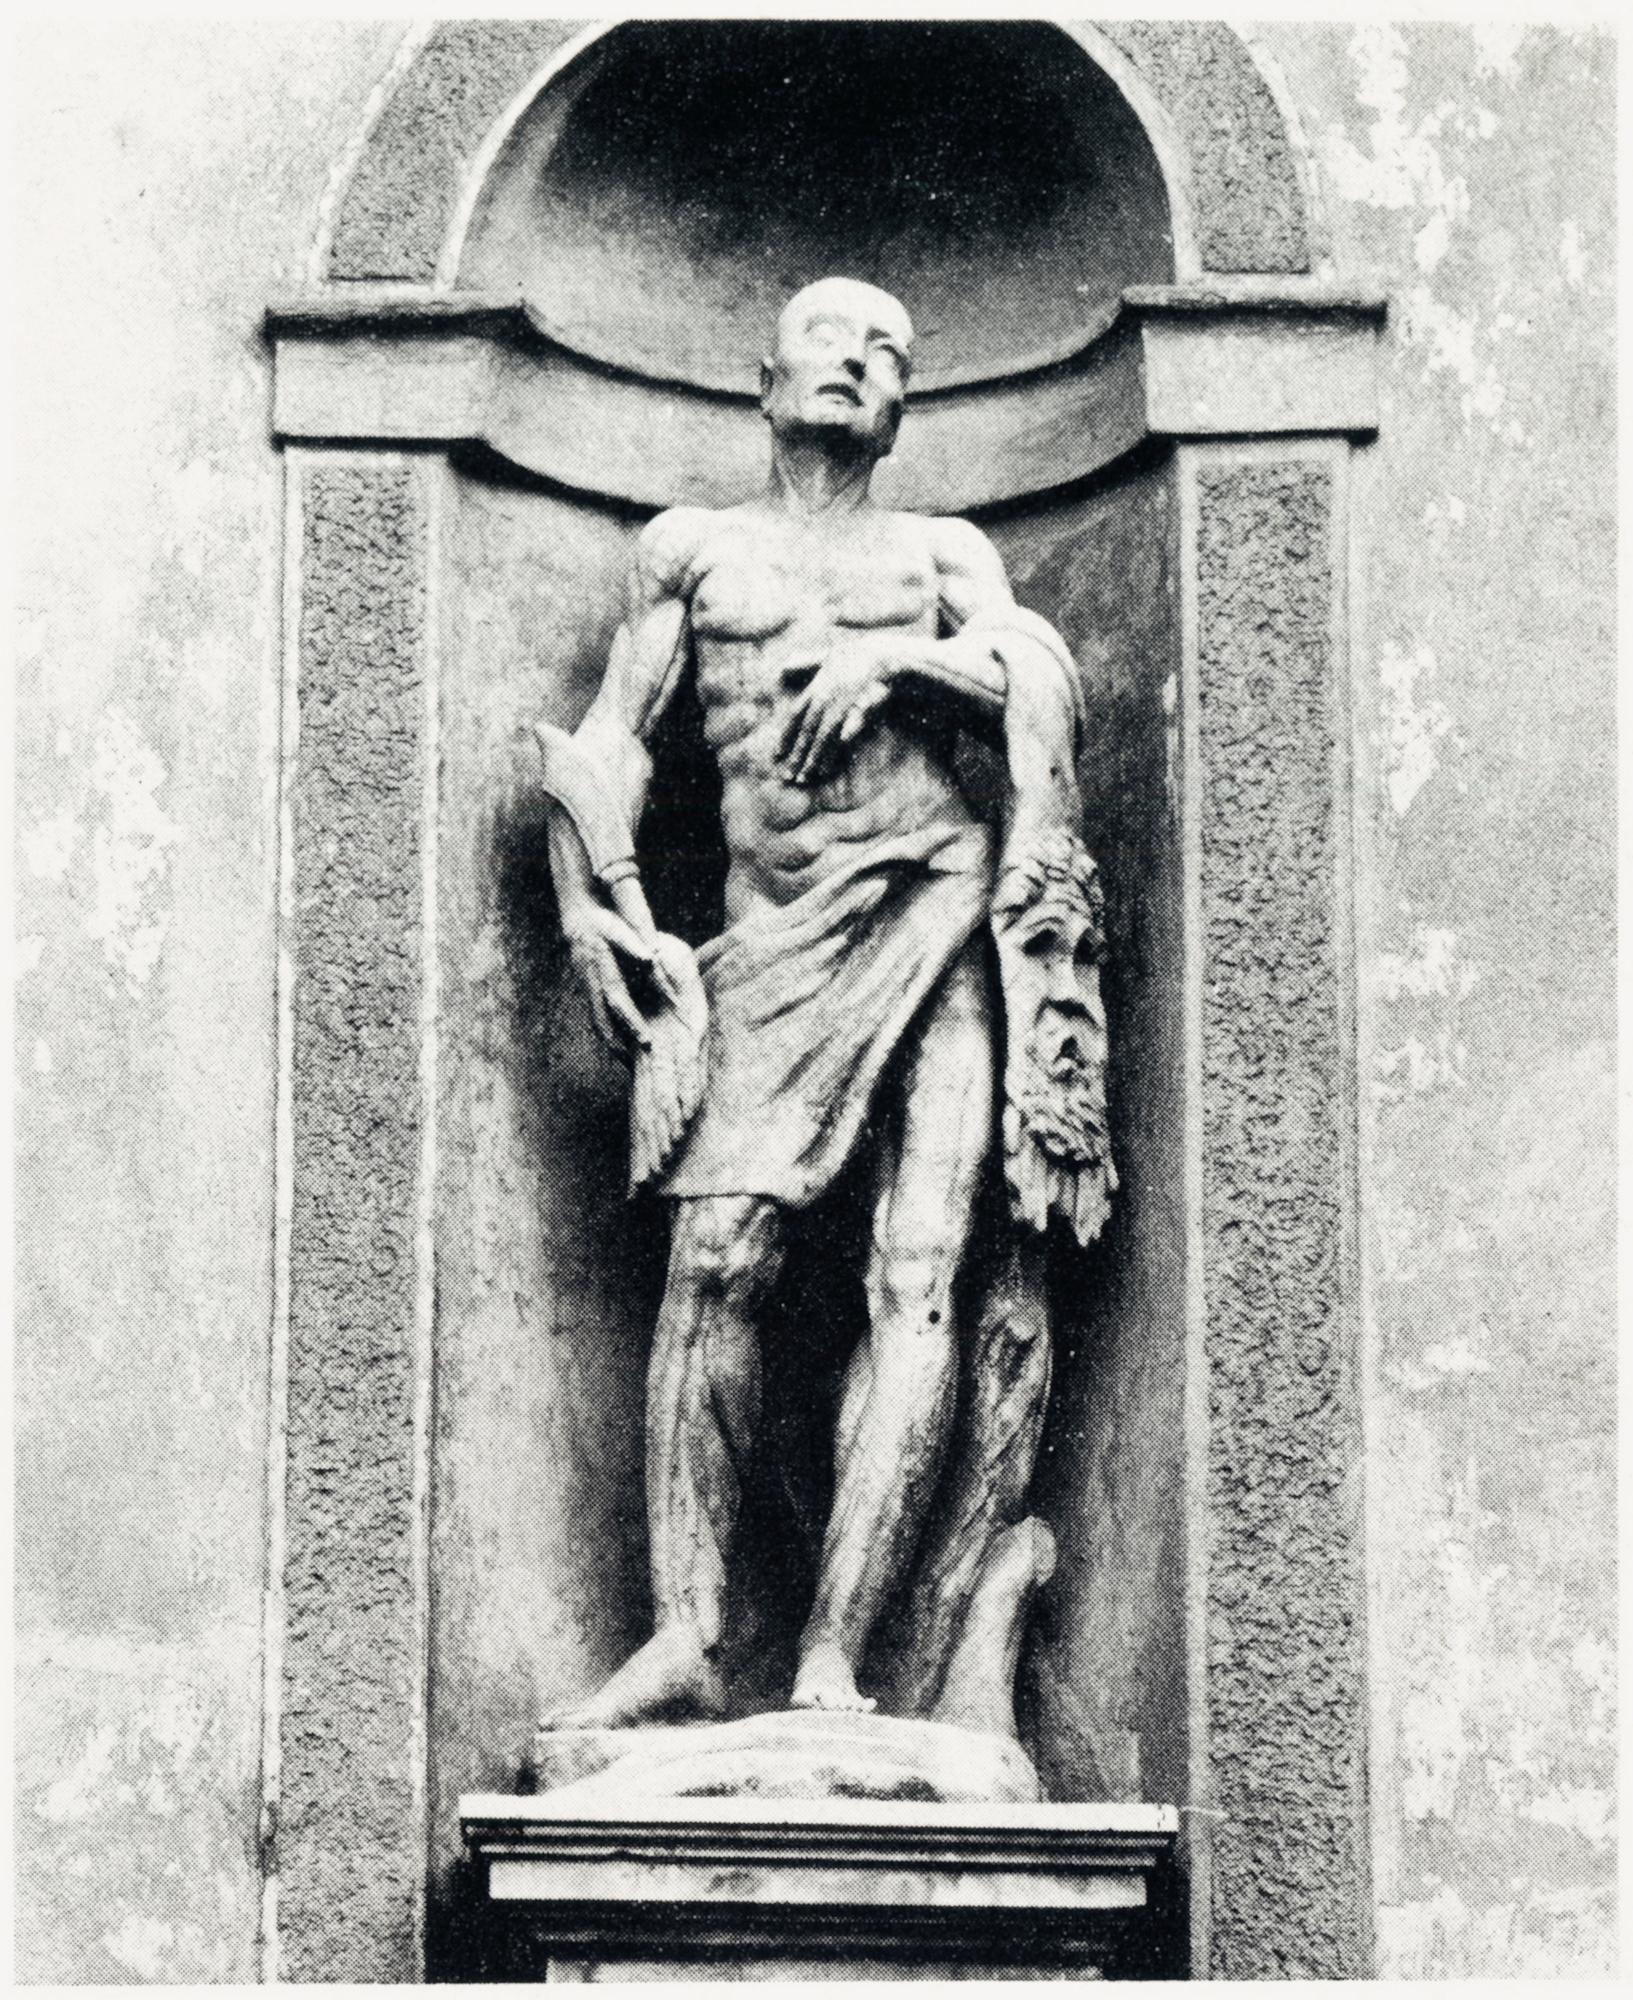 San Bartolomeo, facciata vecchia chiesa di S. Giacomo, Battaglia Terme.